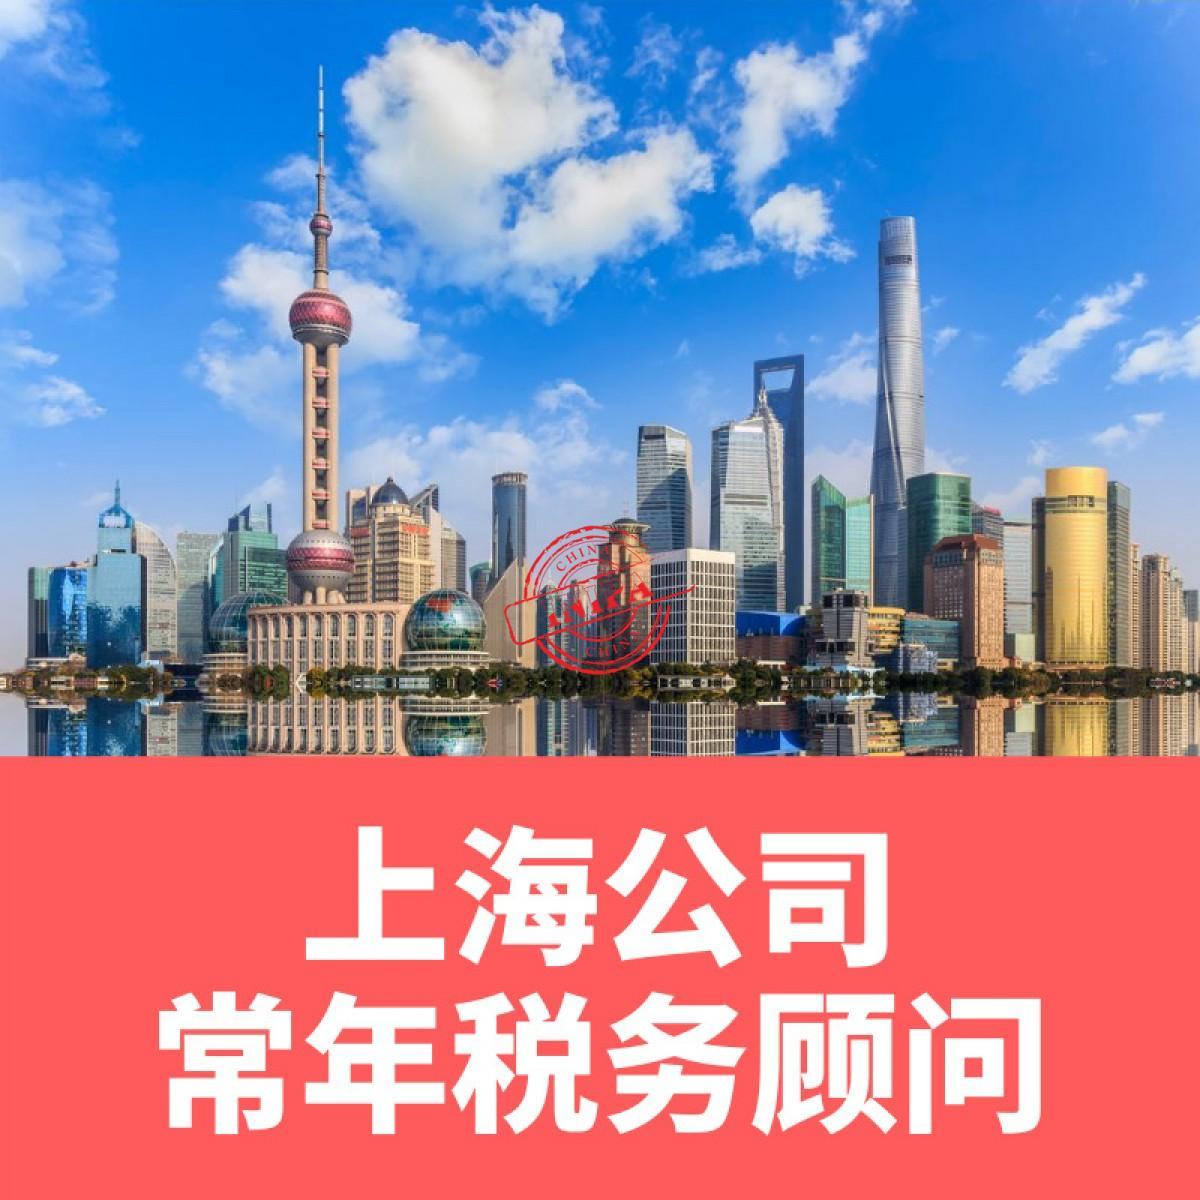 上海公司常年税务顾问_专为企业提供财税顾问服务